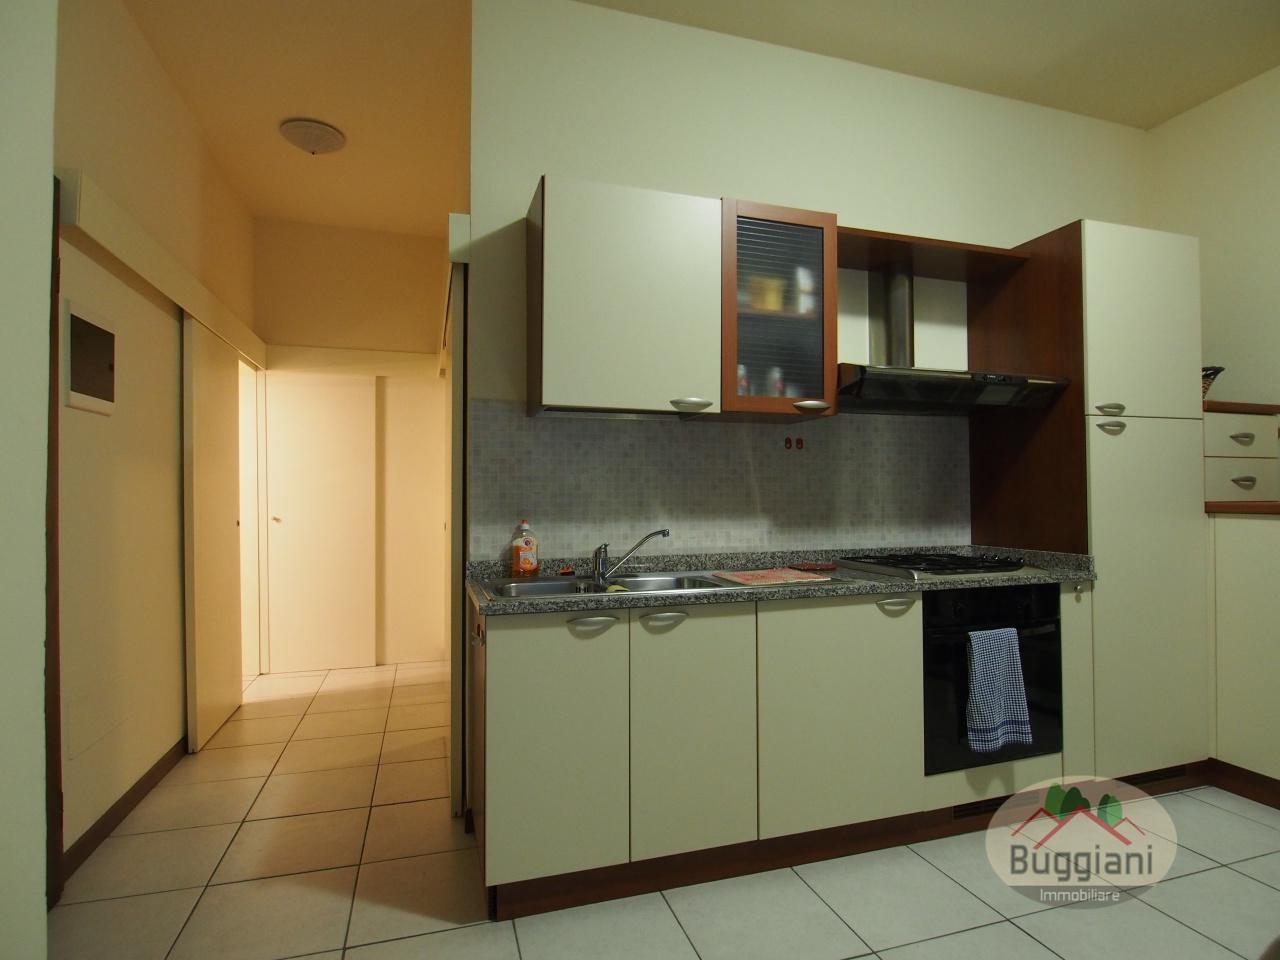 Appartamento in vendita RIF. 1658, San Miniato (PI)